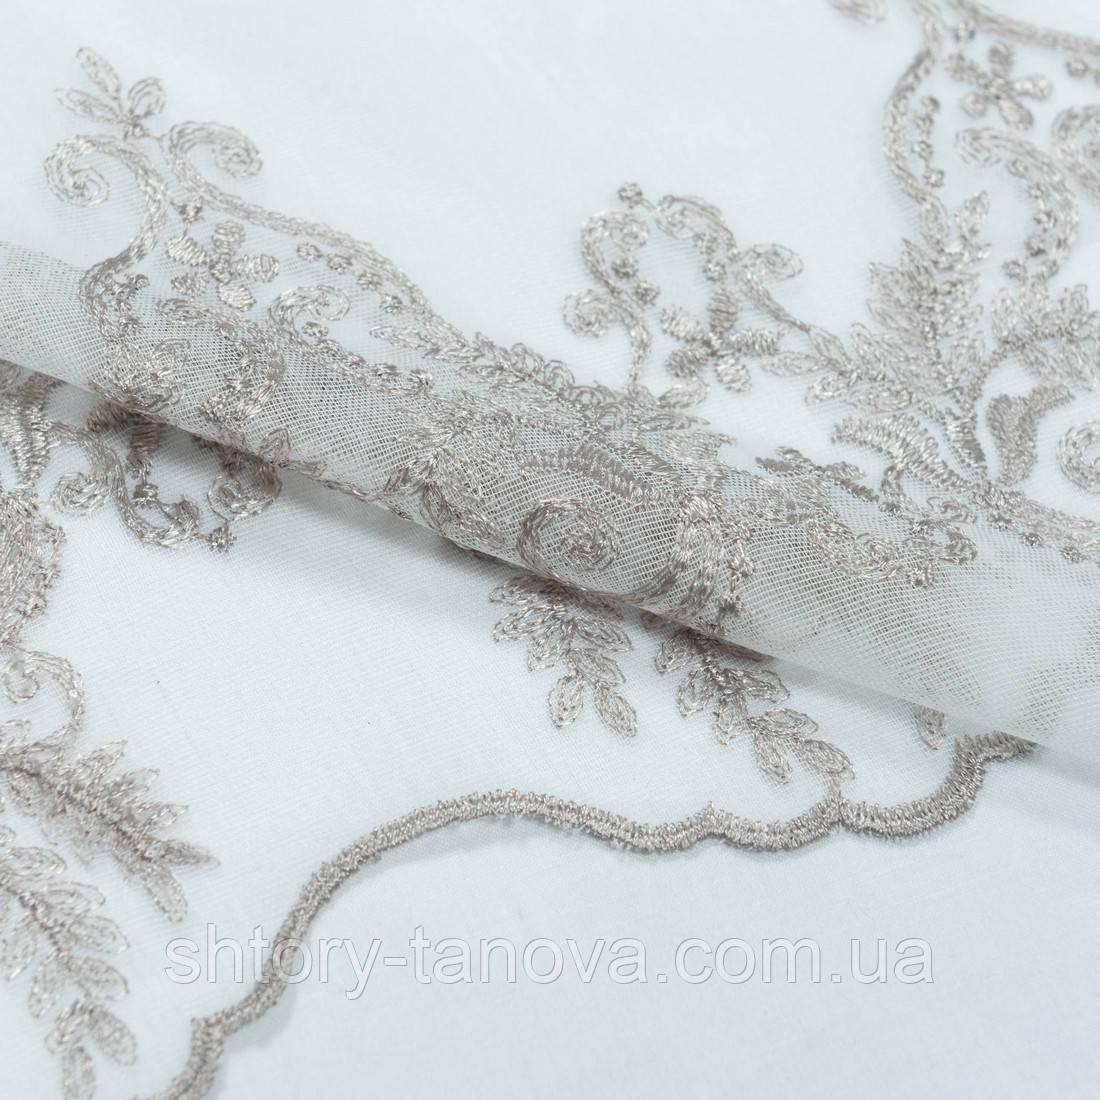 Тюль микро сетка вышивка//вензель песок (купон)